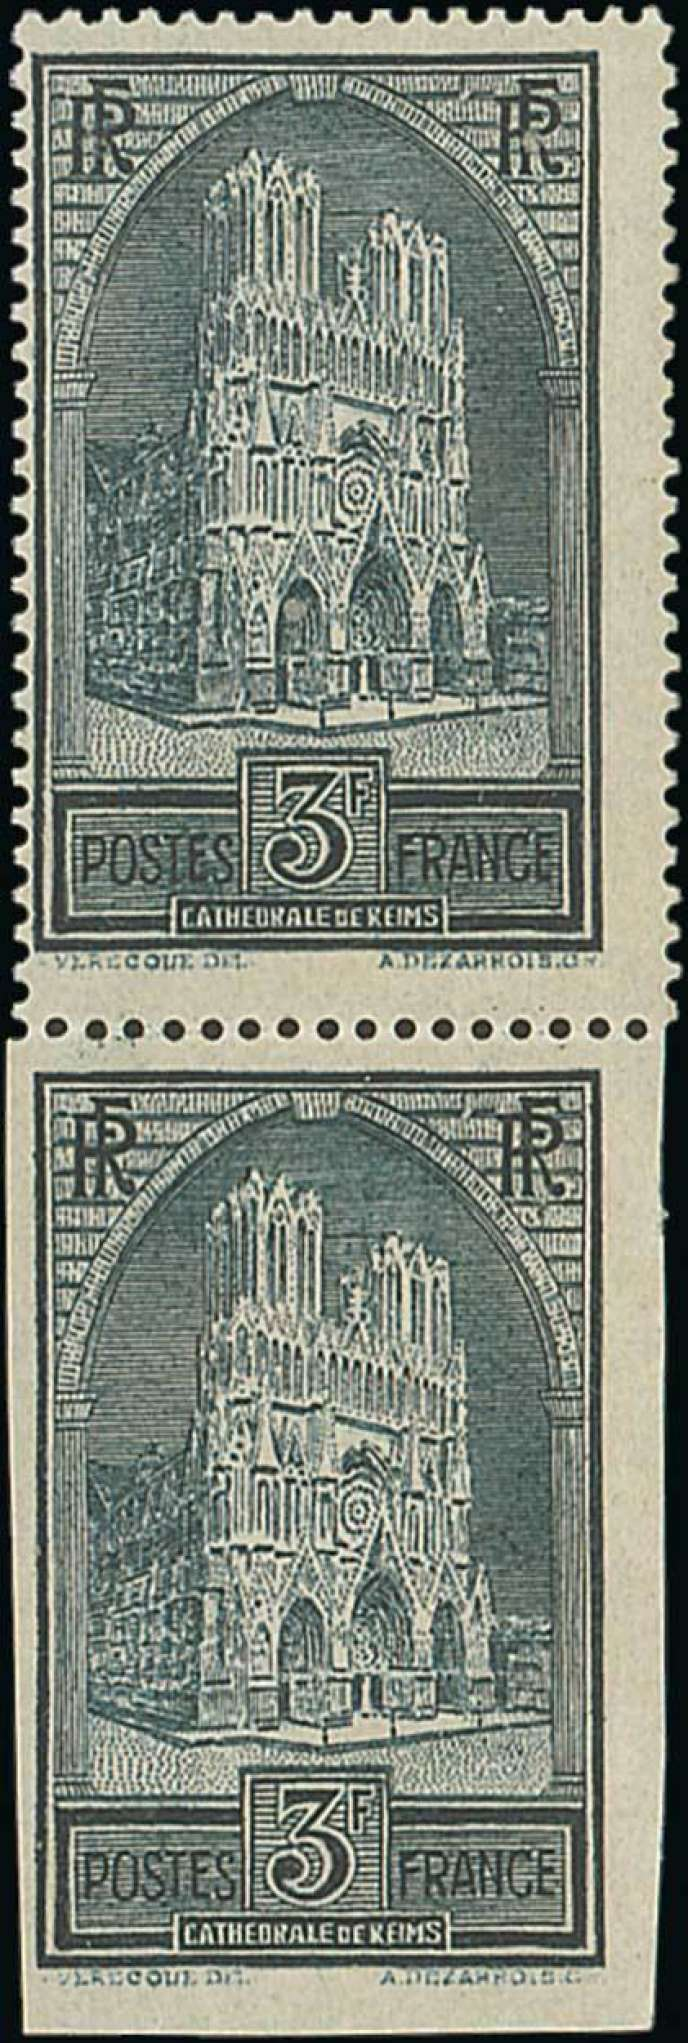 Une vente test de timbres français